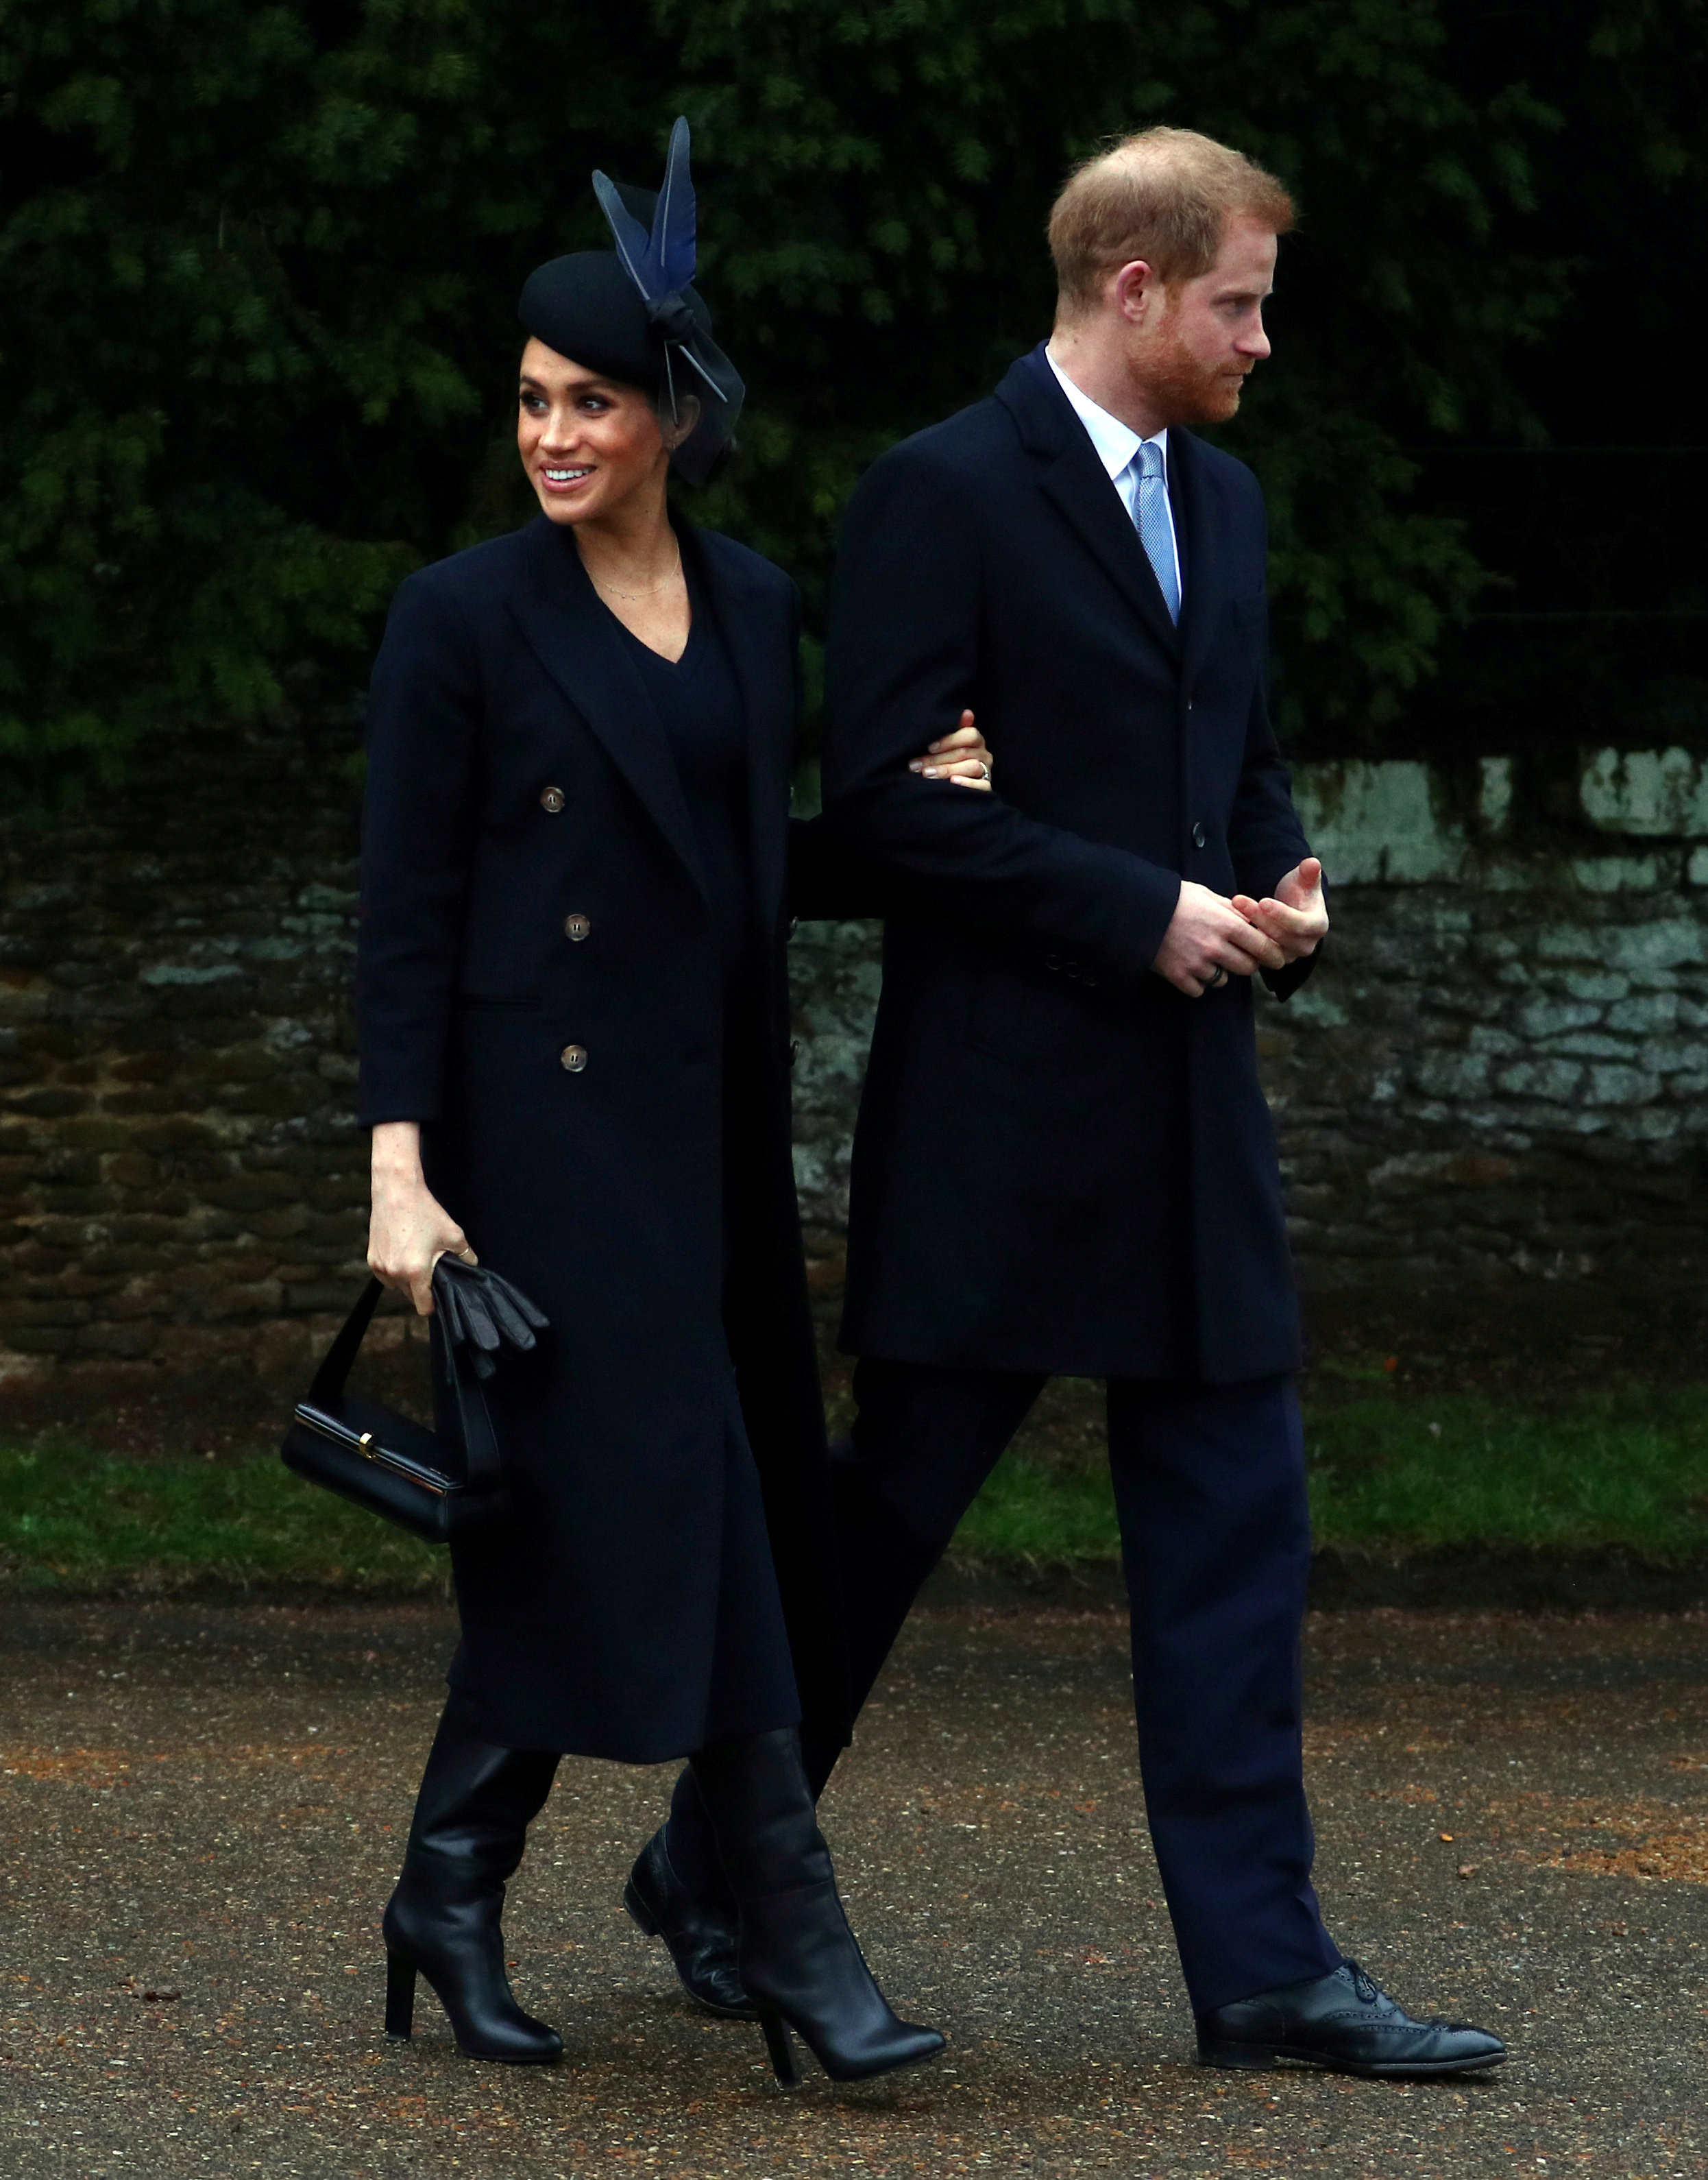 ميجان ماركل بصحبة الأمير هارى فى أحد جولاتهما